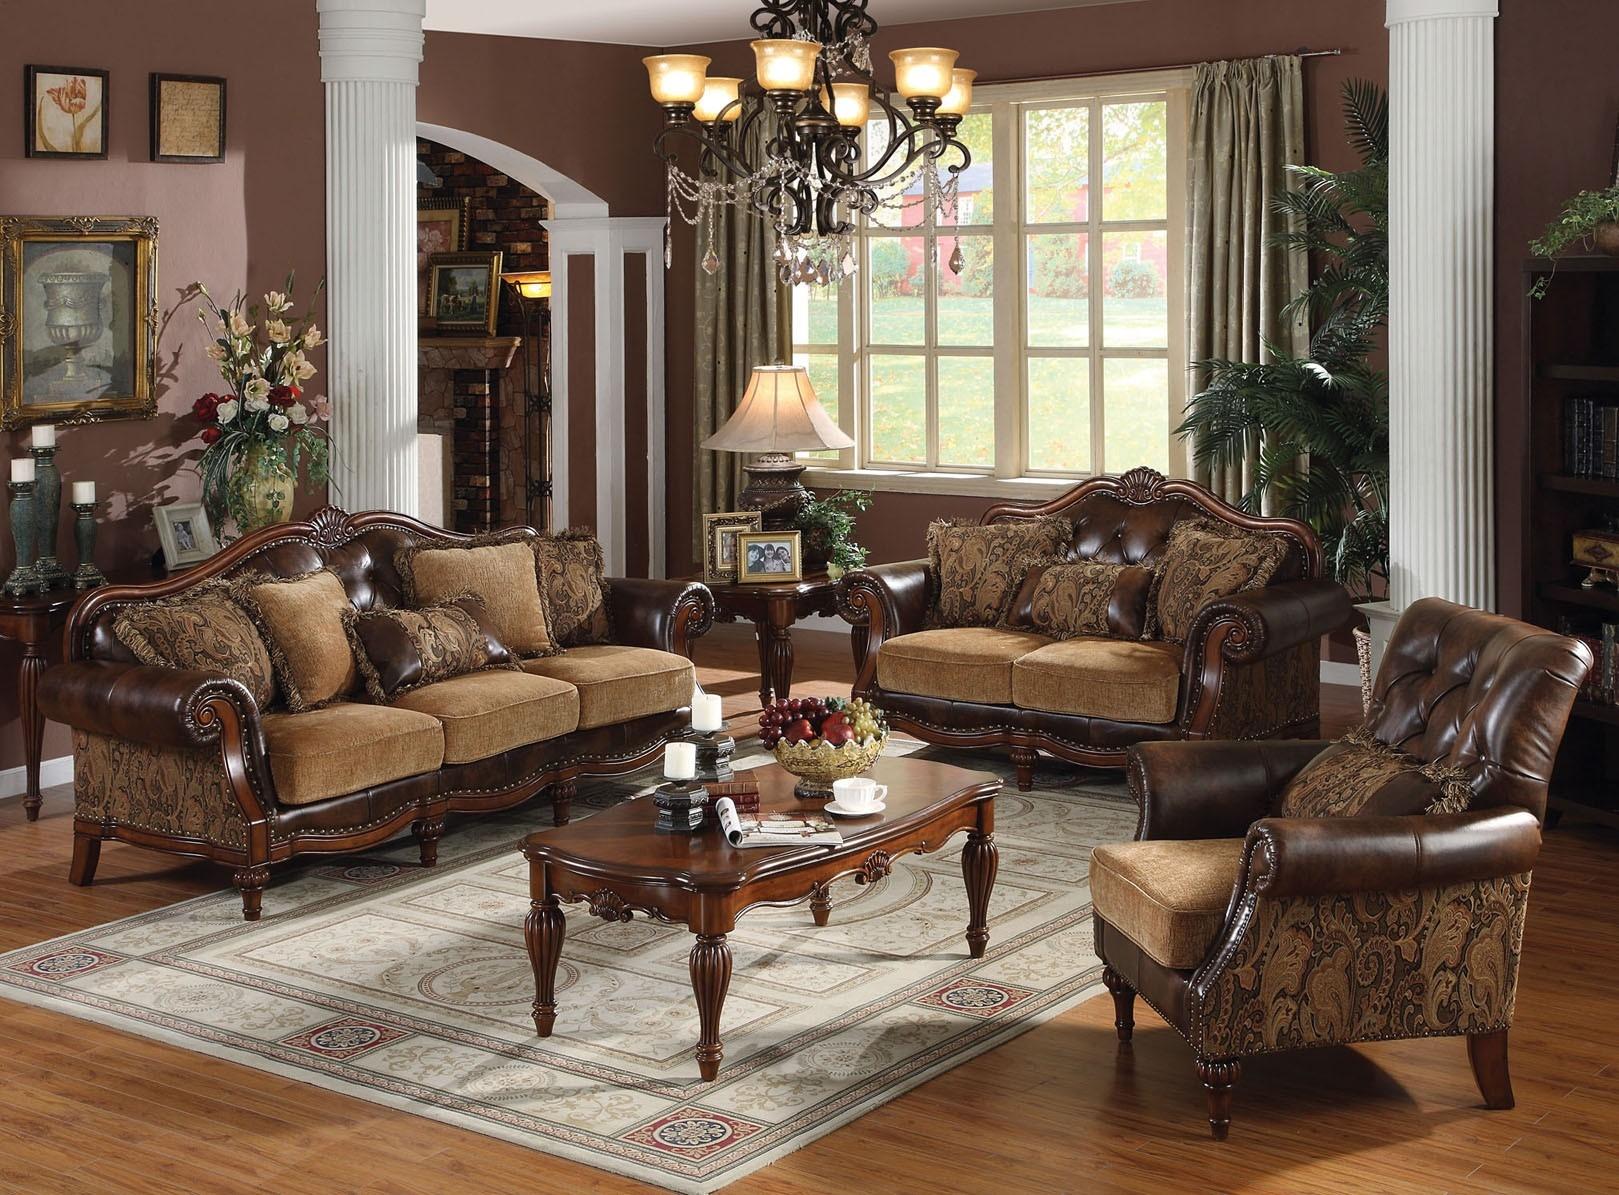 Бежево-коричневая мягкая мебель в классической гостиной